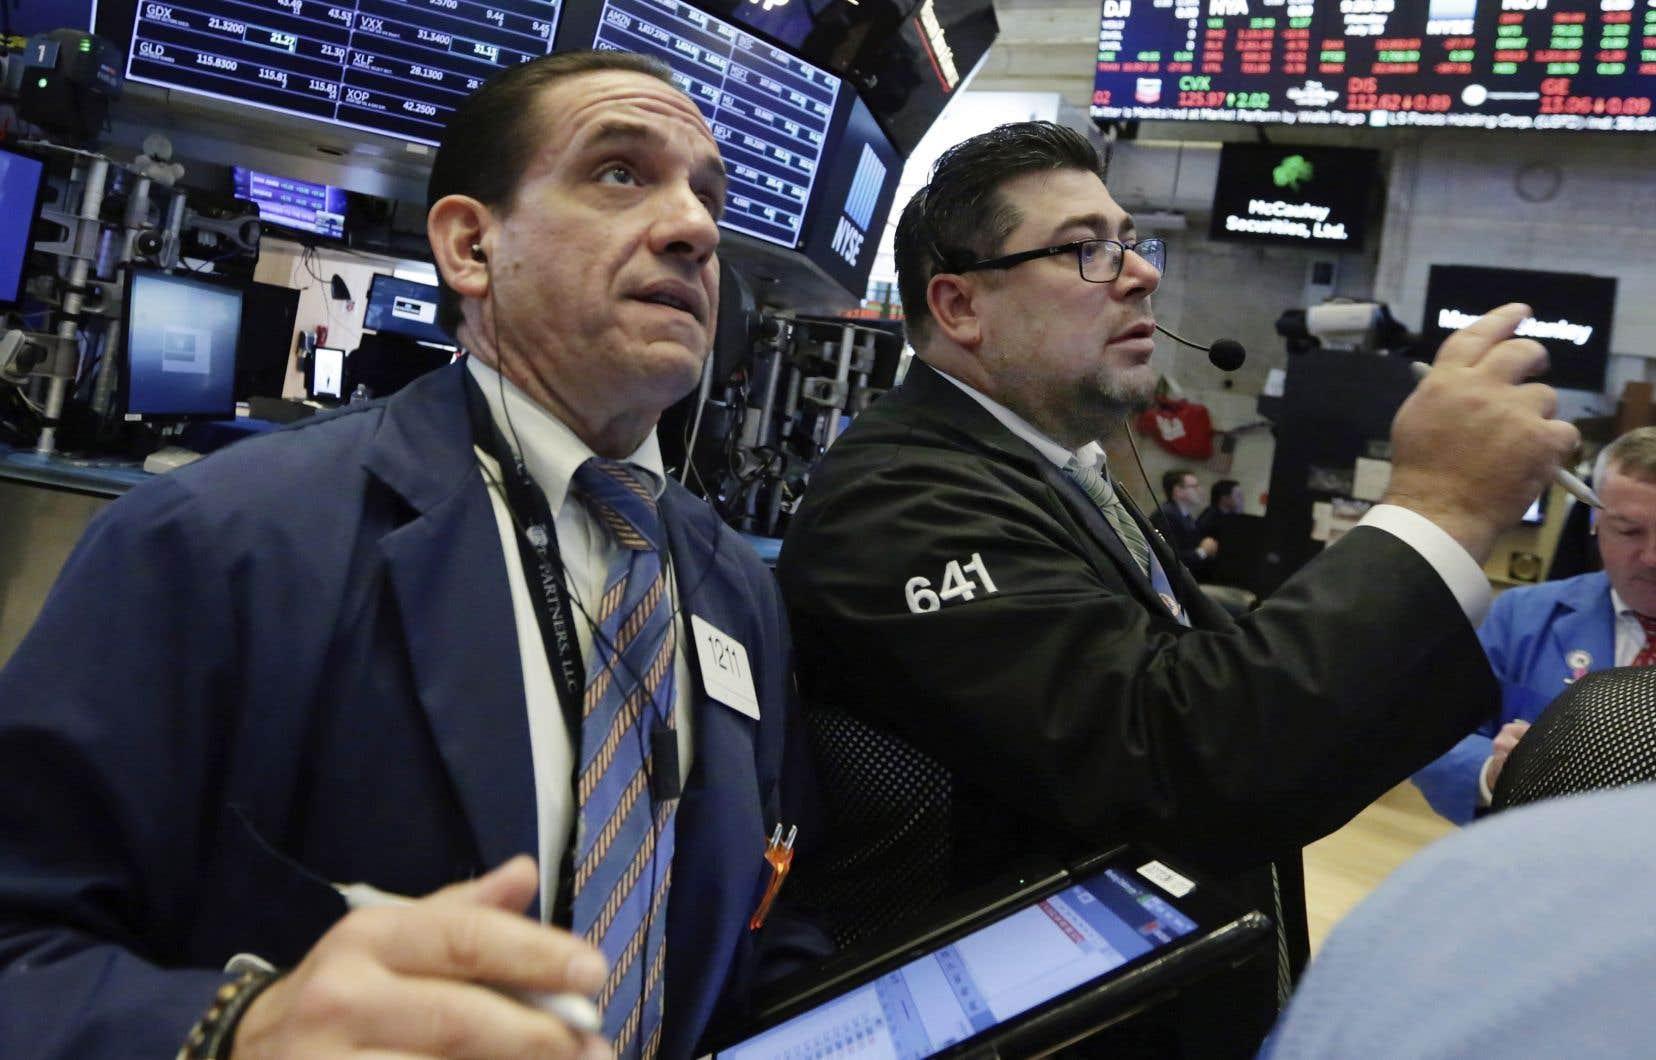 L'indice vedette de la place new-yorkaise, le Dow Jones, a gagné 0,4% à 25415,19 points.